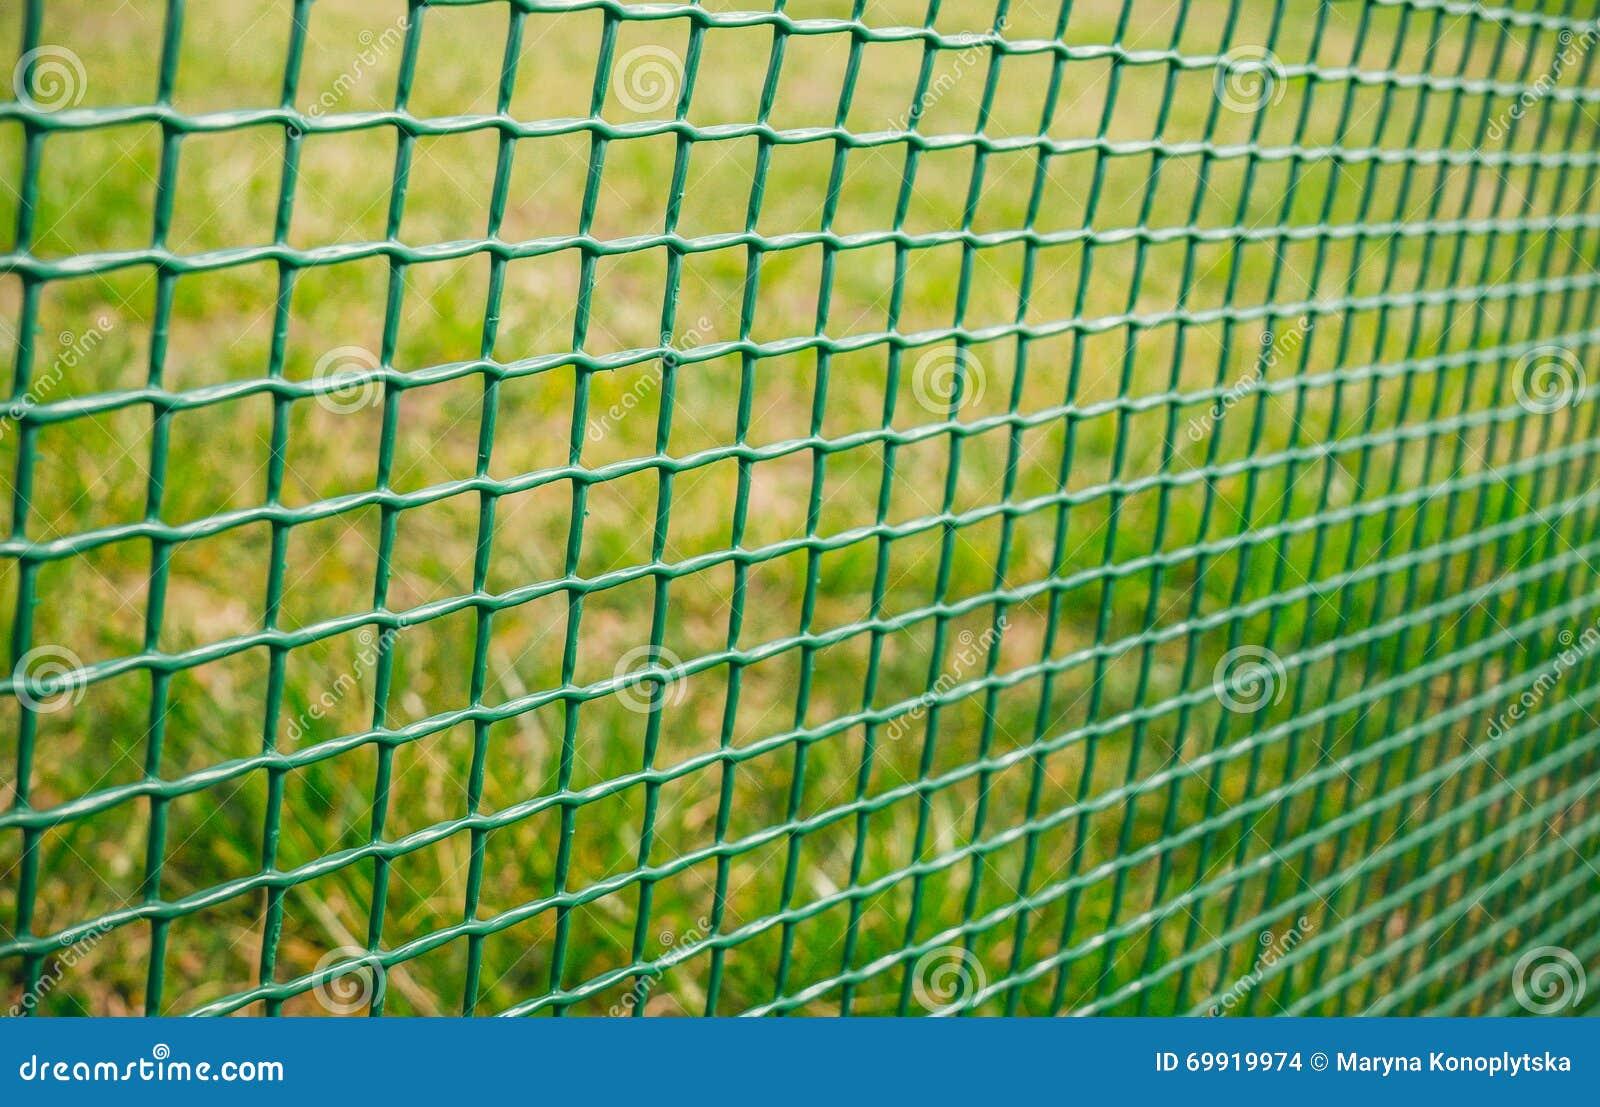 Flexible Plastic Garden Mesh Stock Photo Image Of Industrial